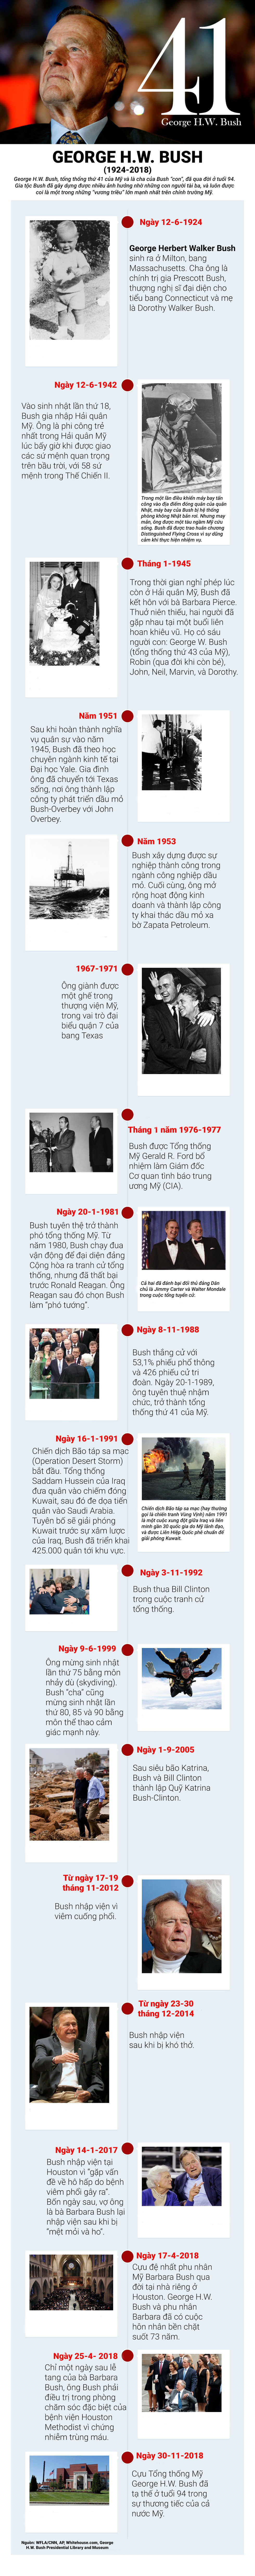 Cuộc đời và sự nghiệp của Tổng thống Bush cha - Ảnh 1.